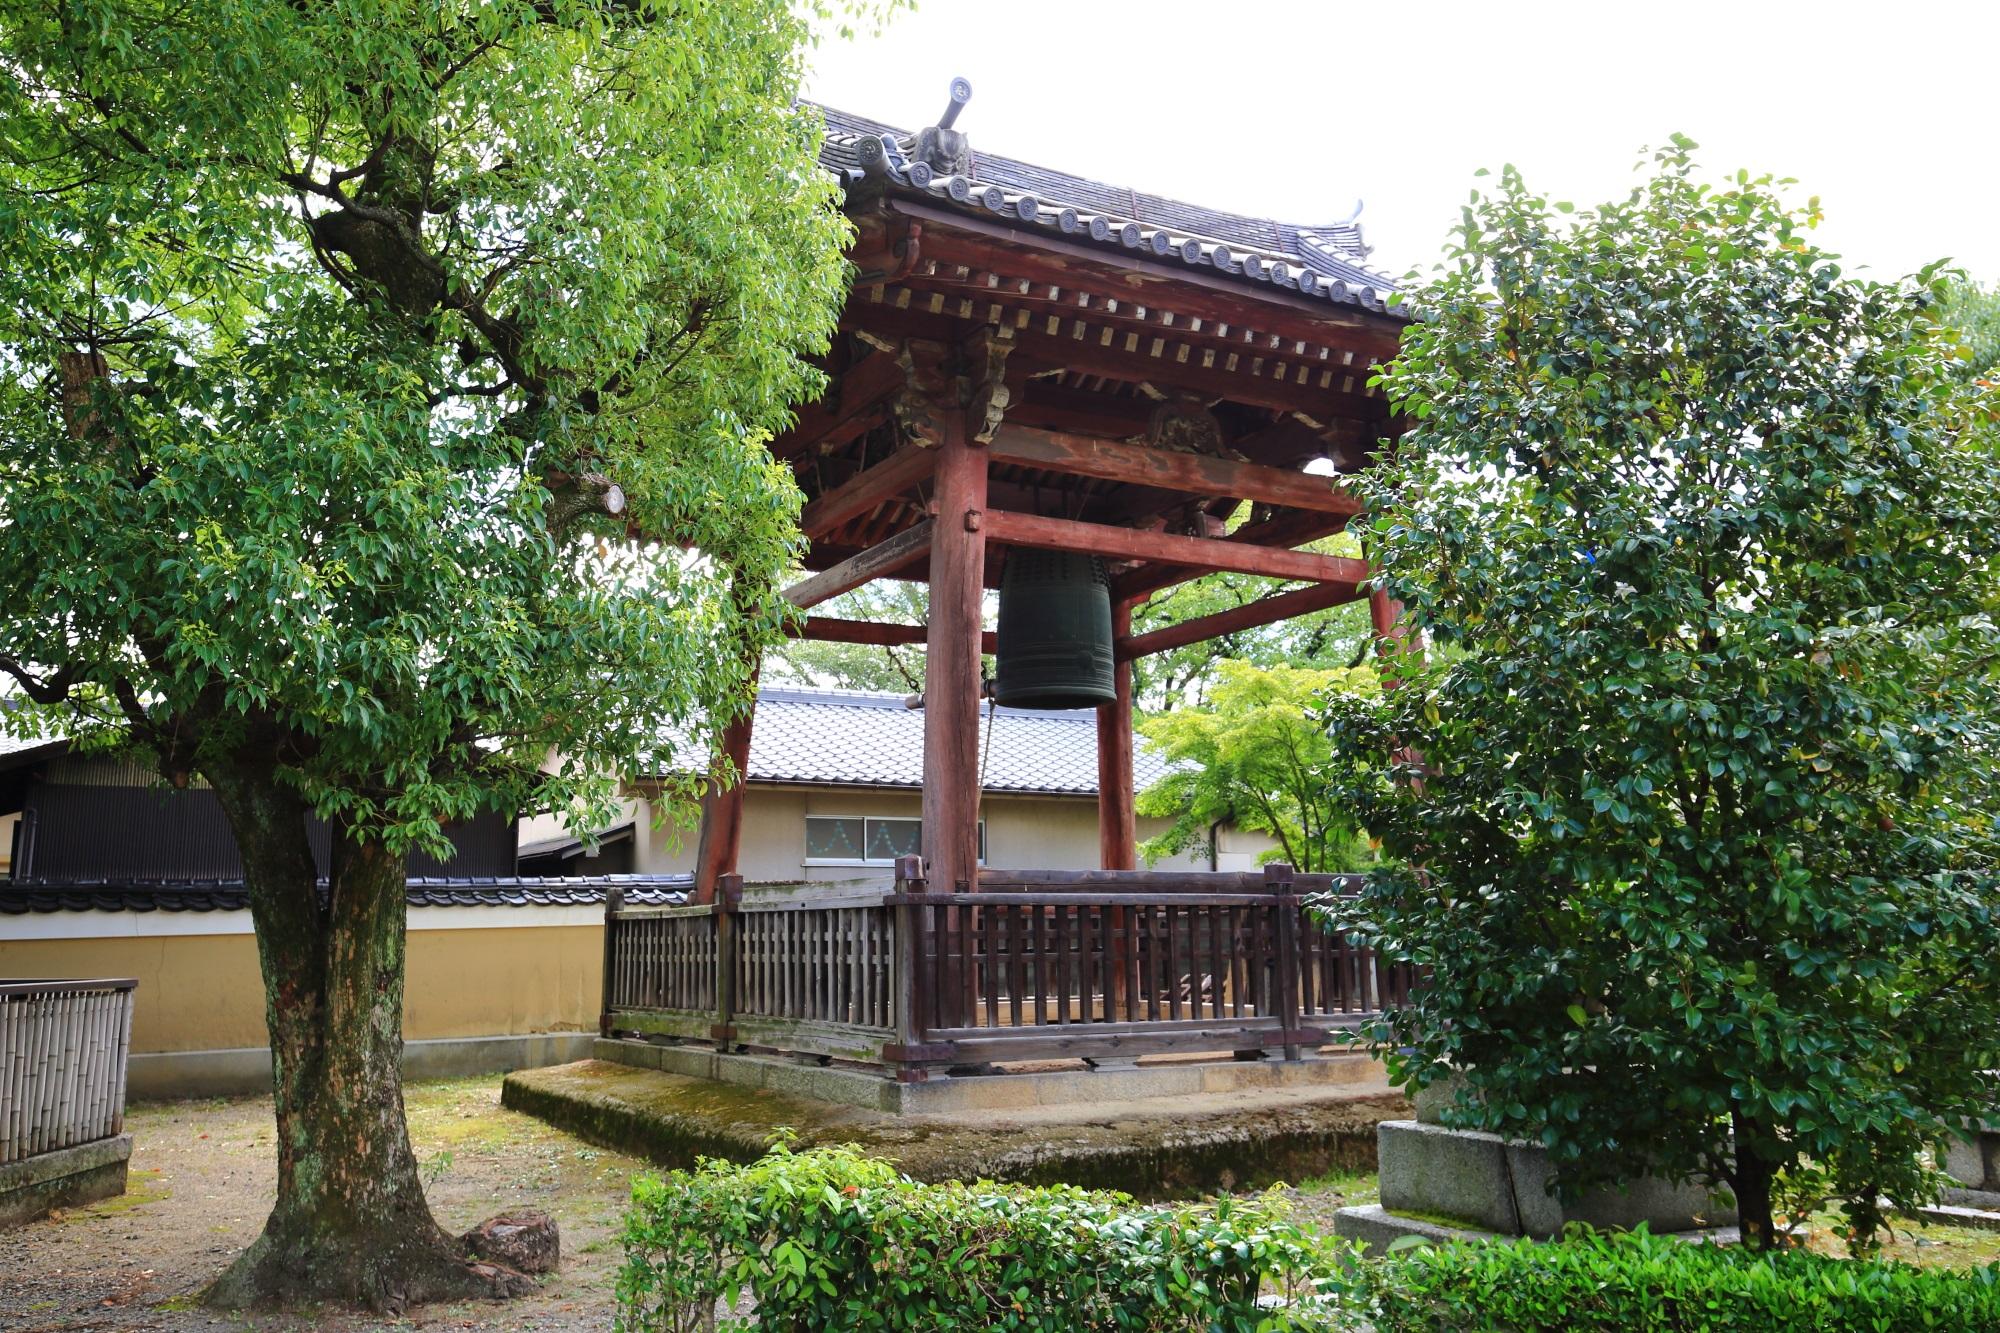 浄福寺の鐘楼